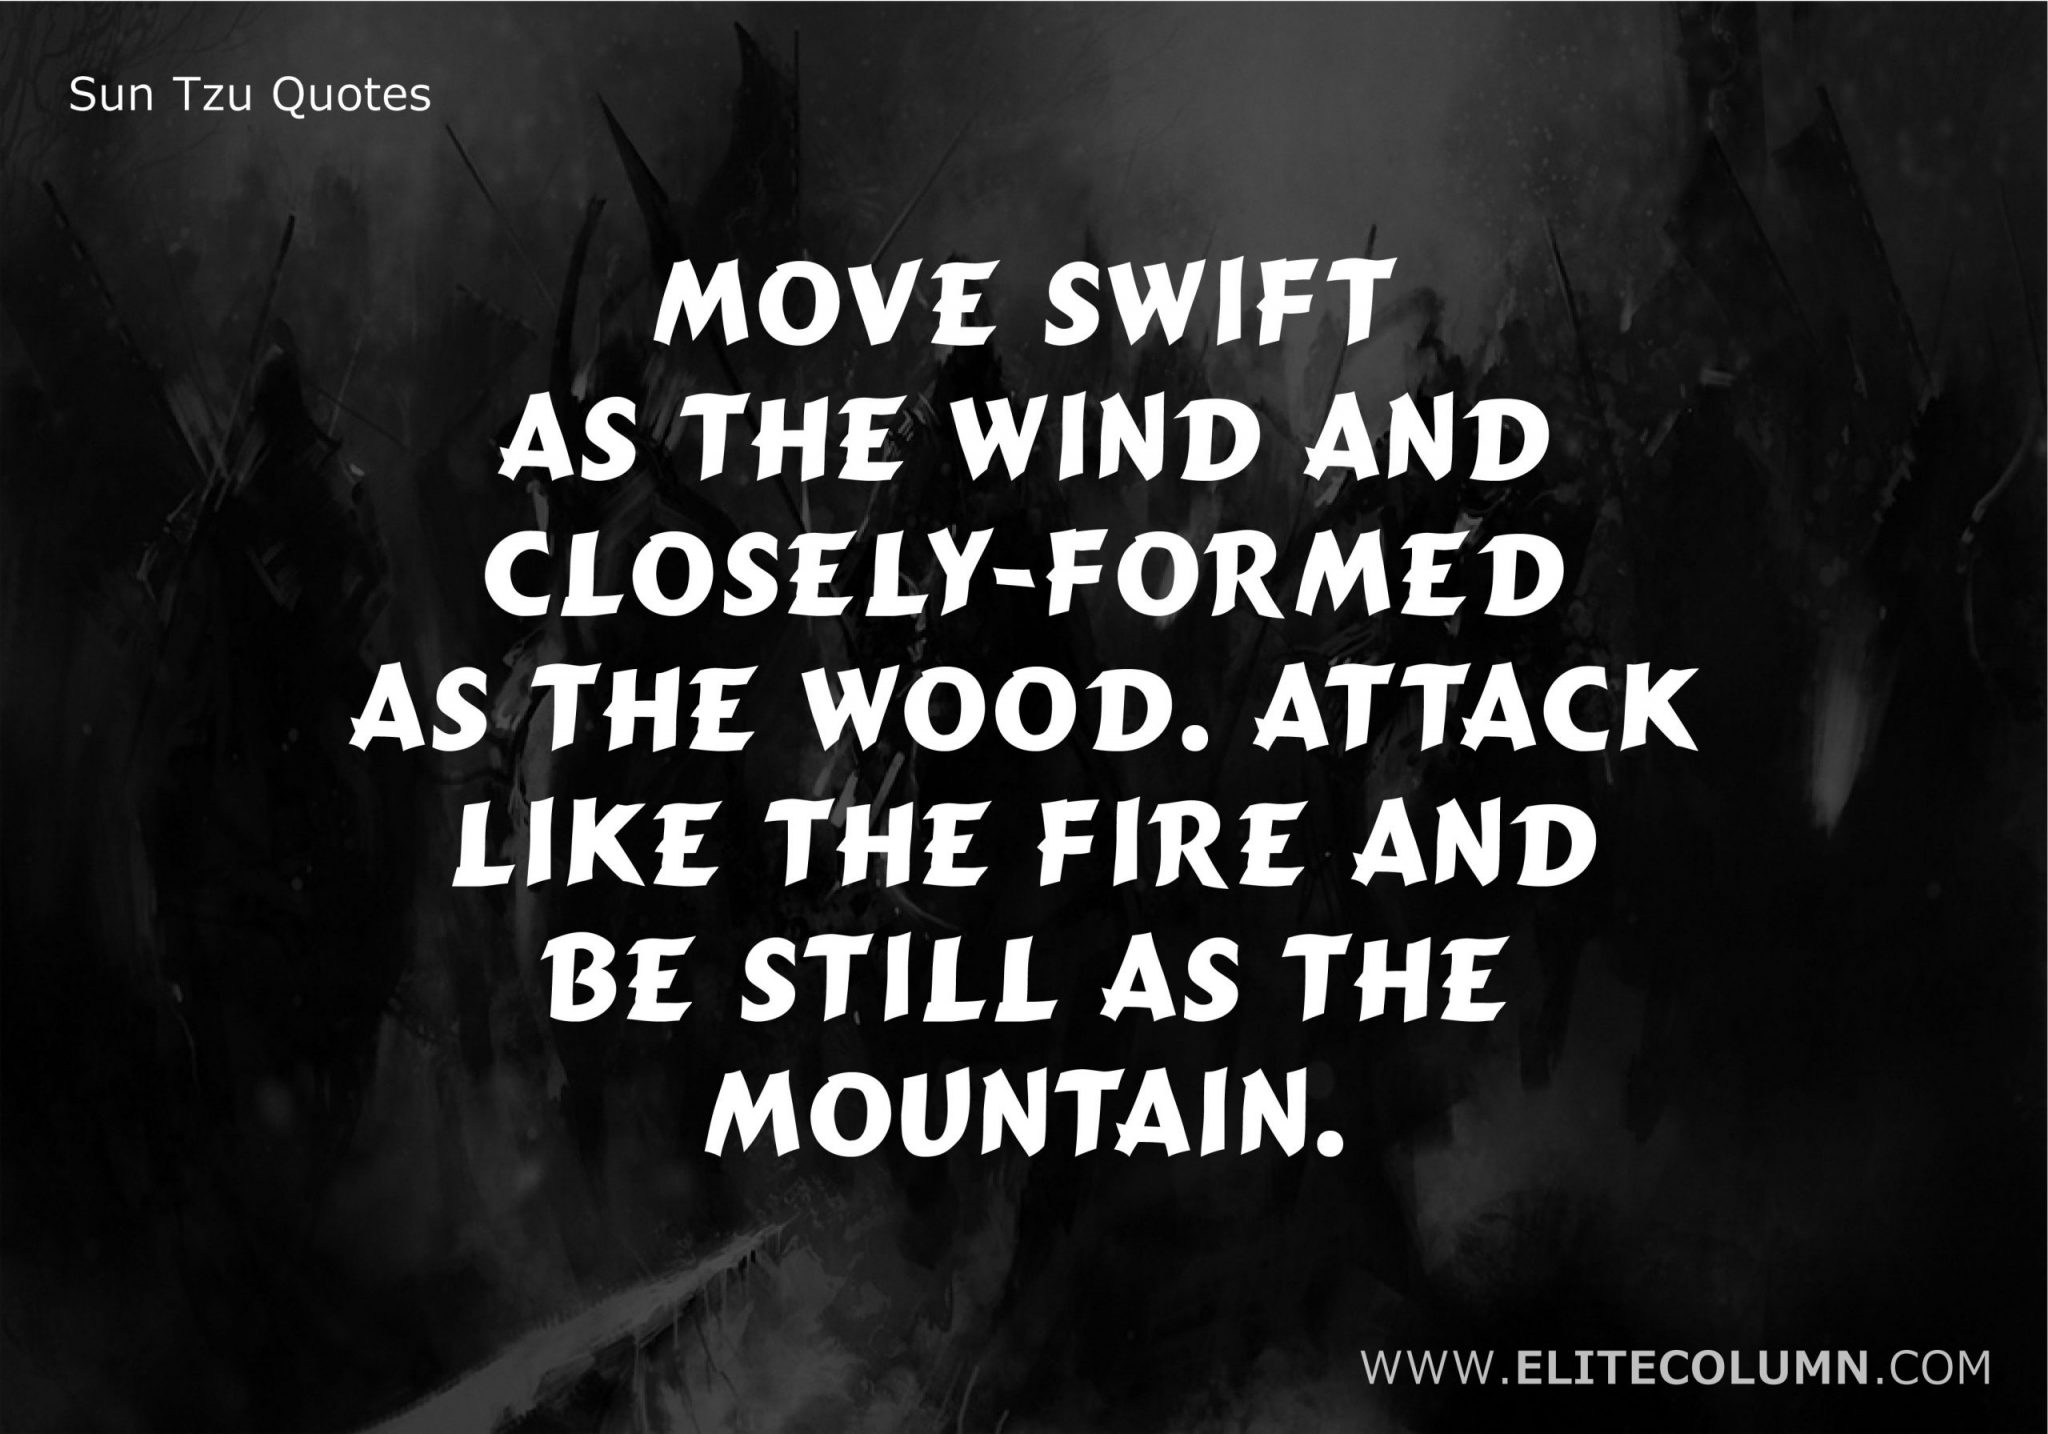 Sun Tzu Quotes (5)